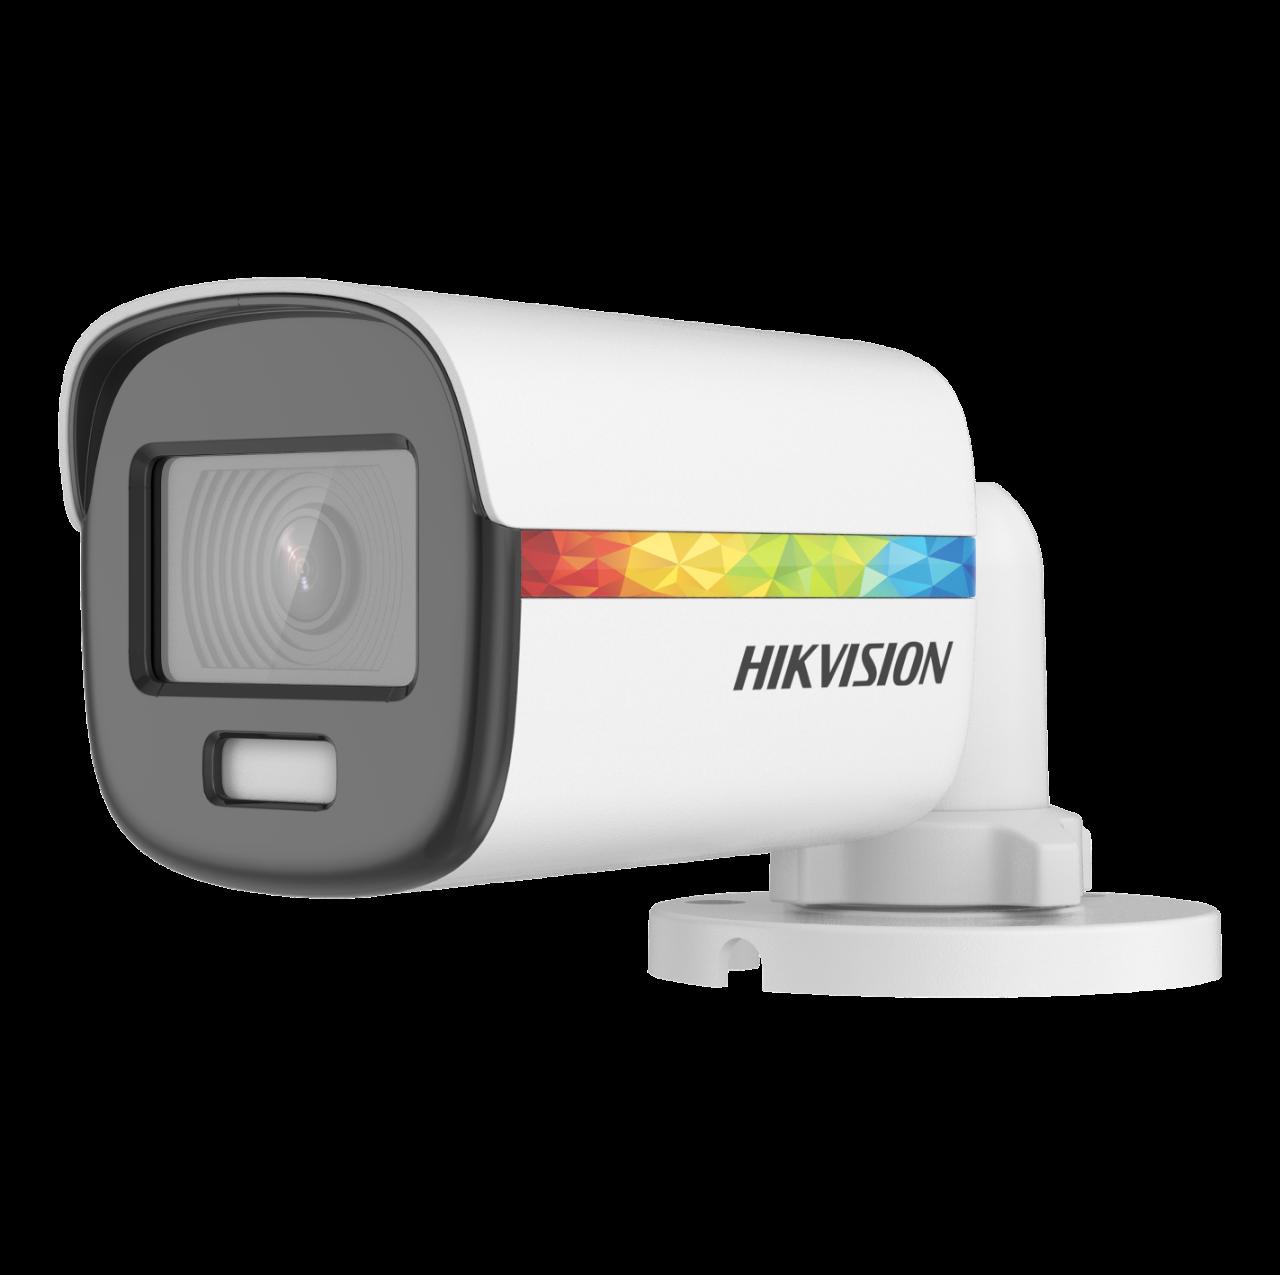 Εικόνα της DS-2CE10DF8T-F  2MP ColorVu Fixed Mini Bullet 2.8mm Camera Hikvision